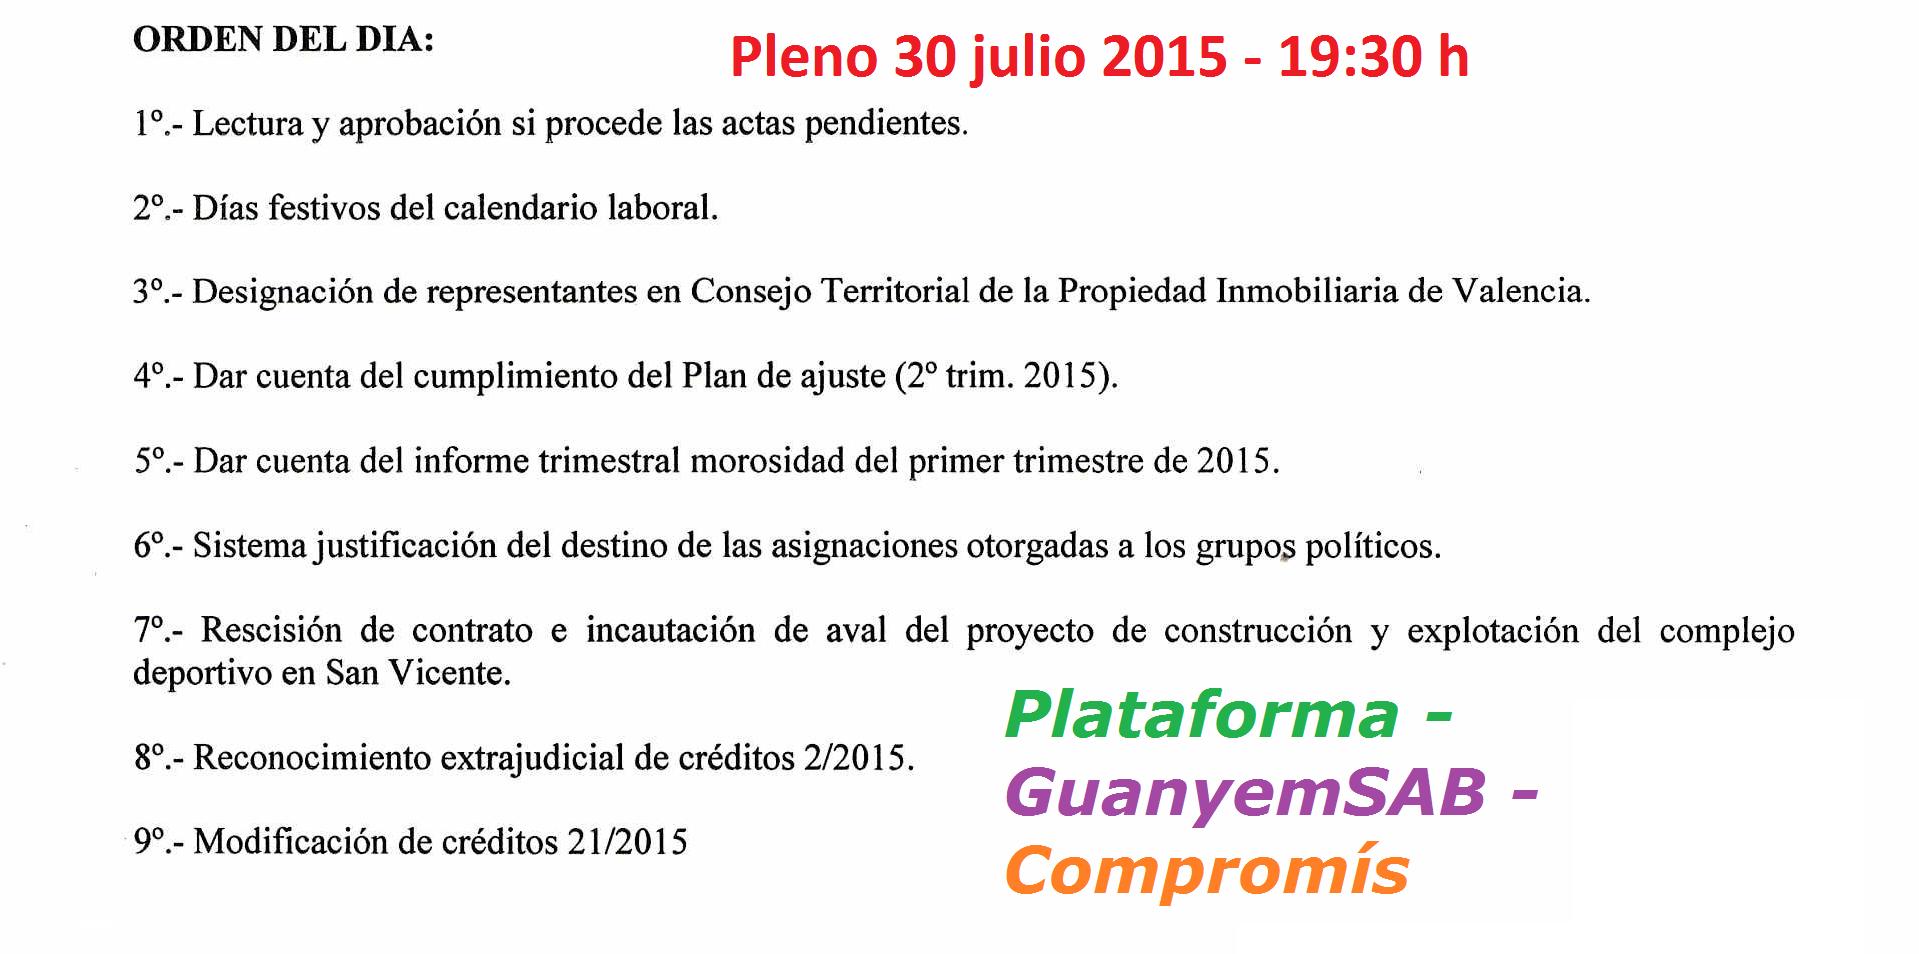 OD pleno 30 julio 2015